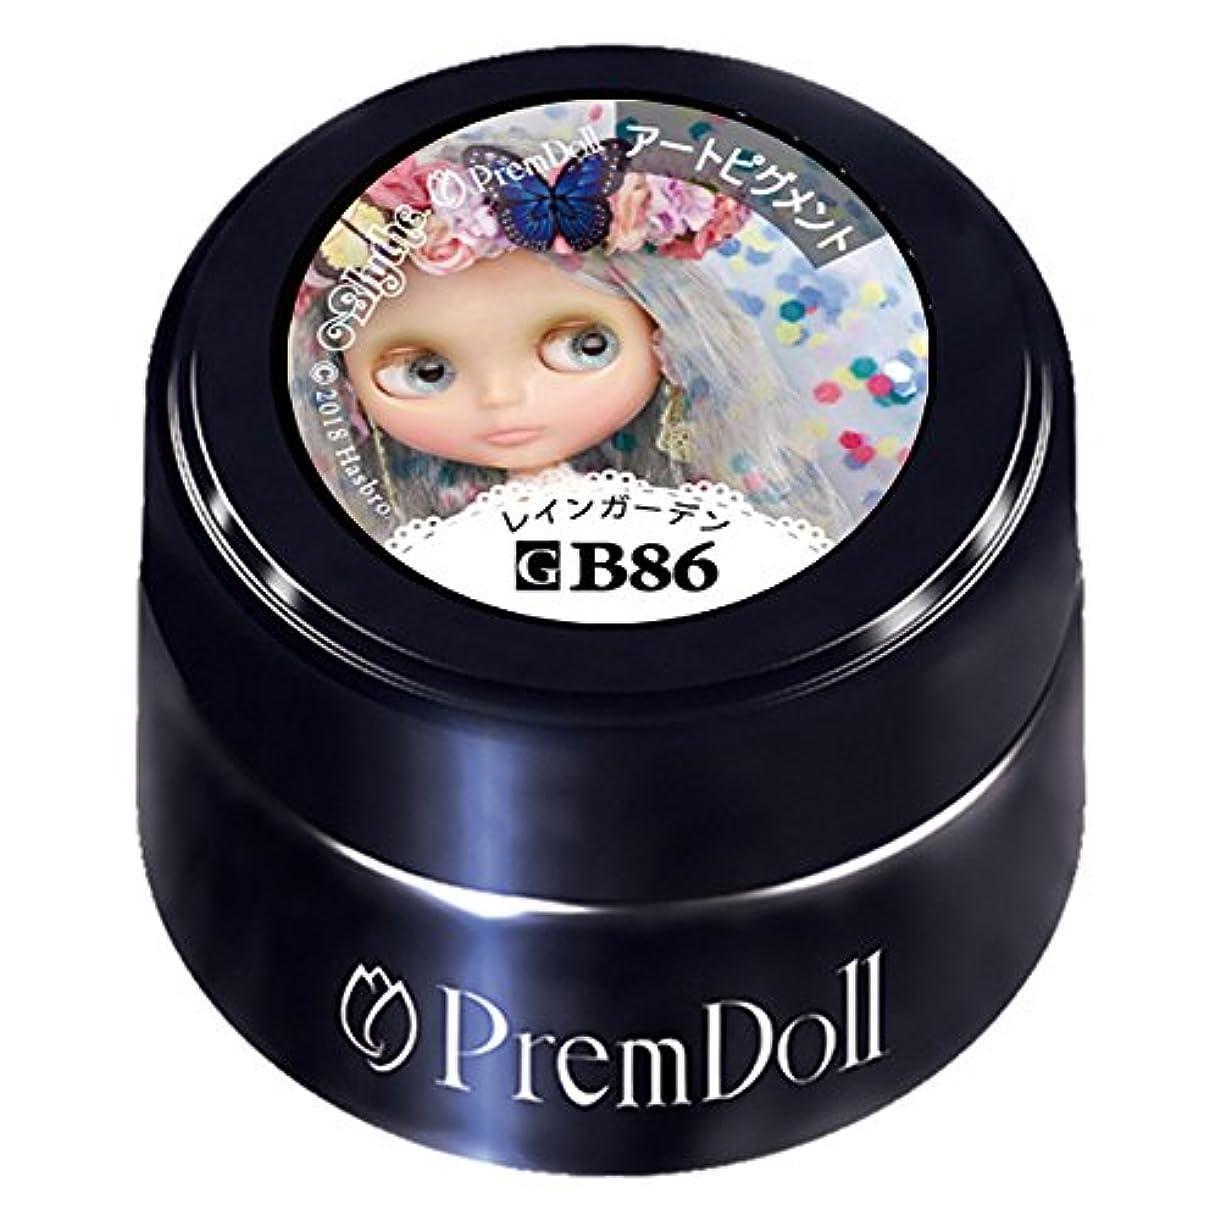 練習雨の例外PRE GEL プリムドールレインガーデン86 DOLL-B86 UV/LED対応